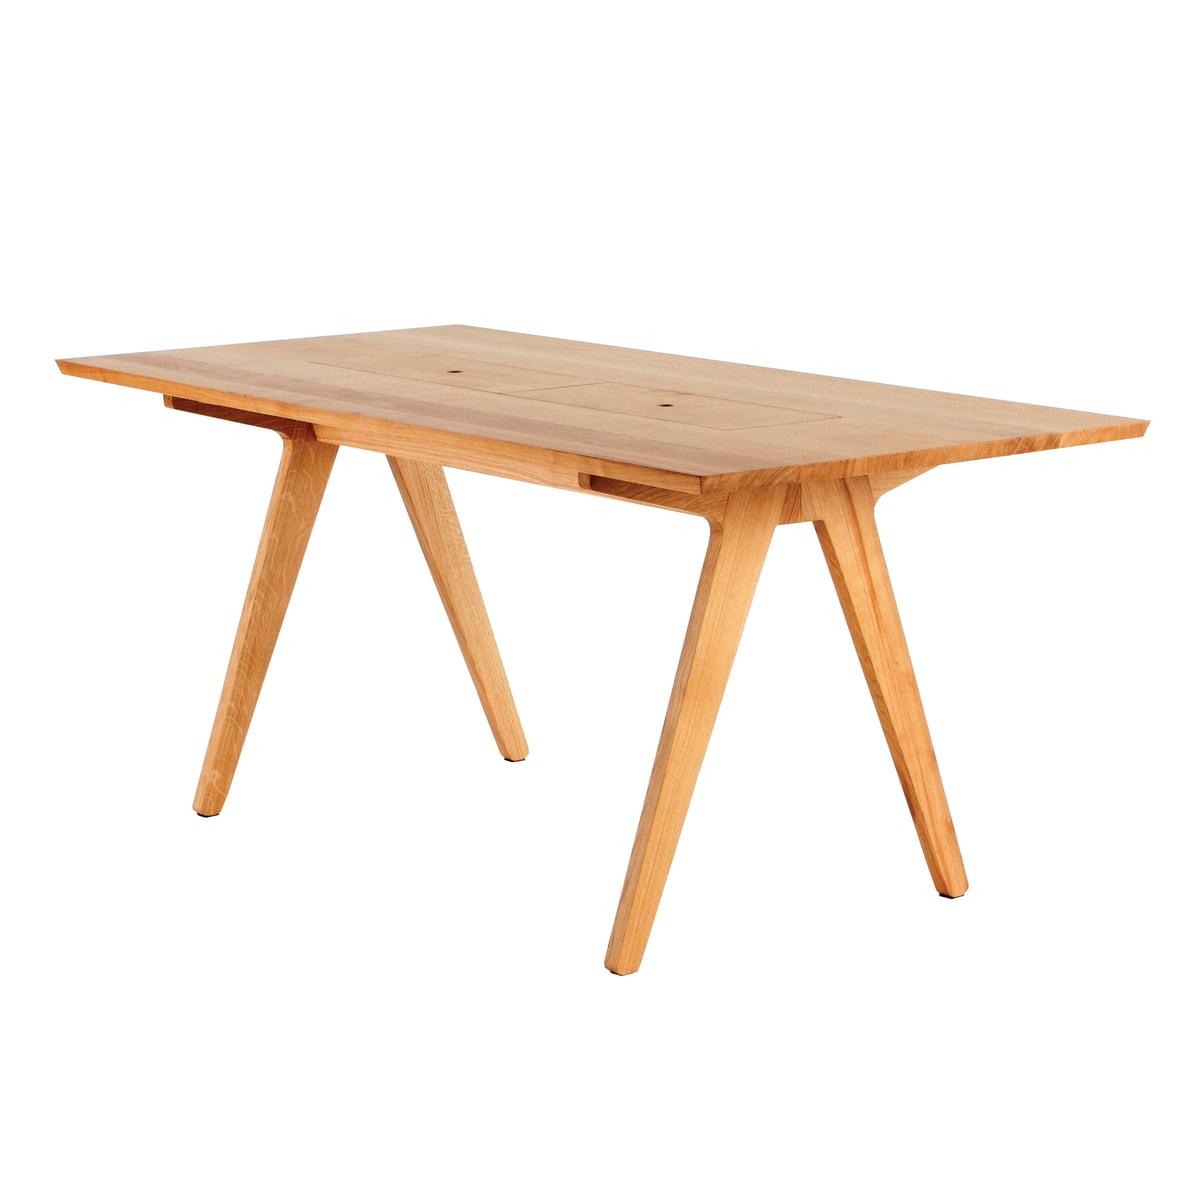 Dining table geschlossene kaesten frei